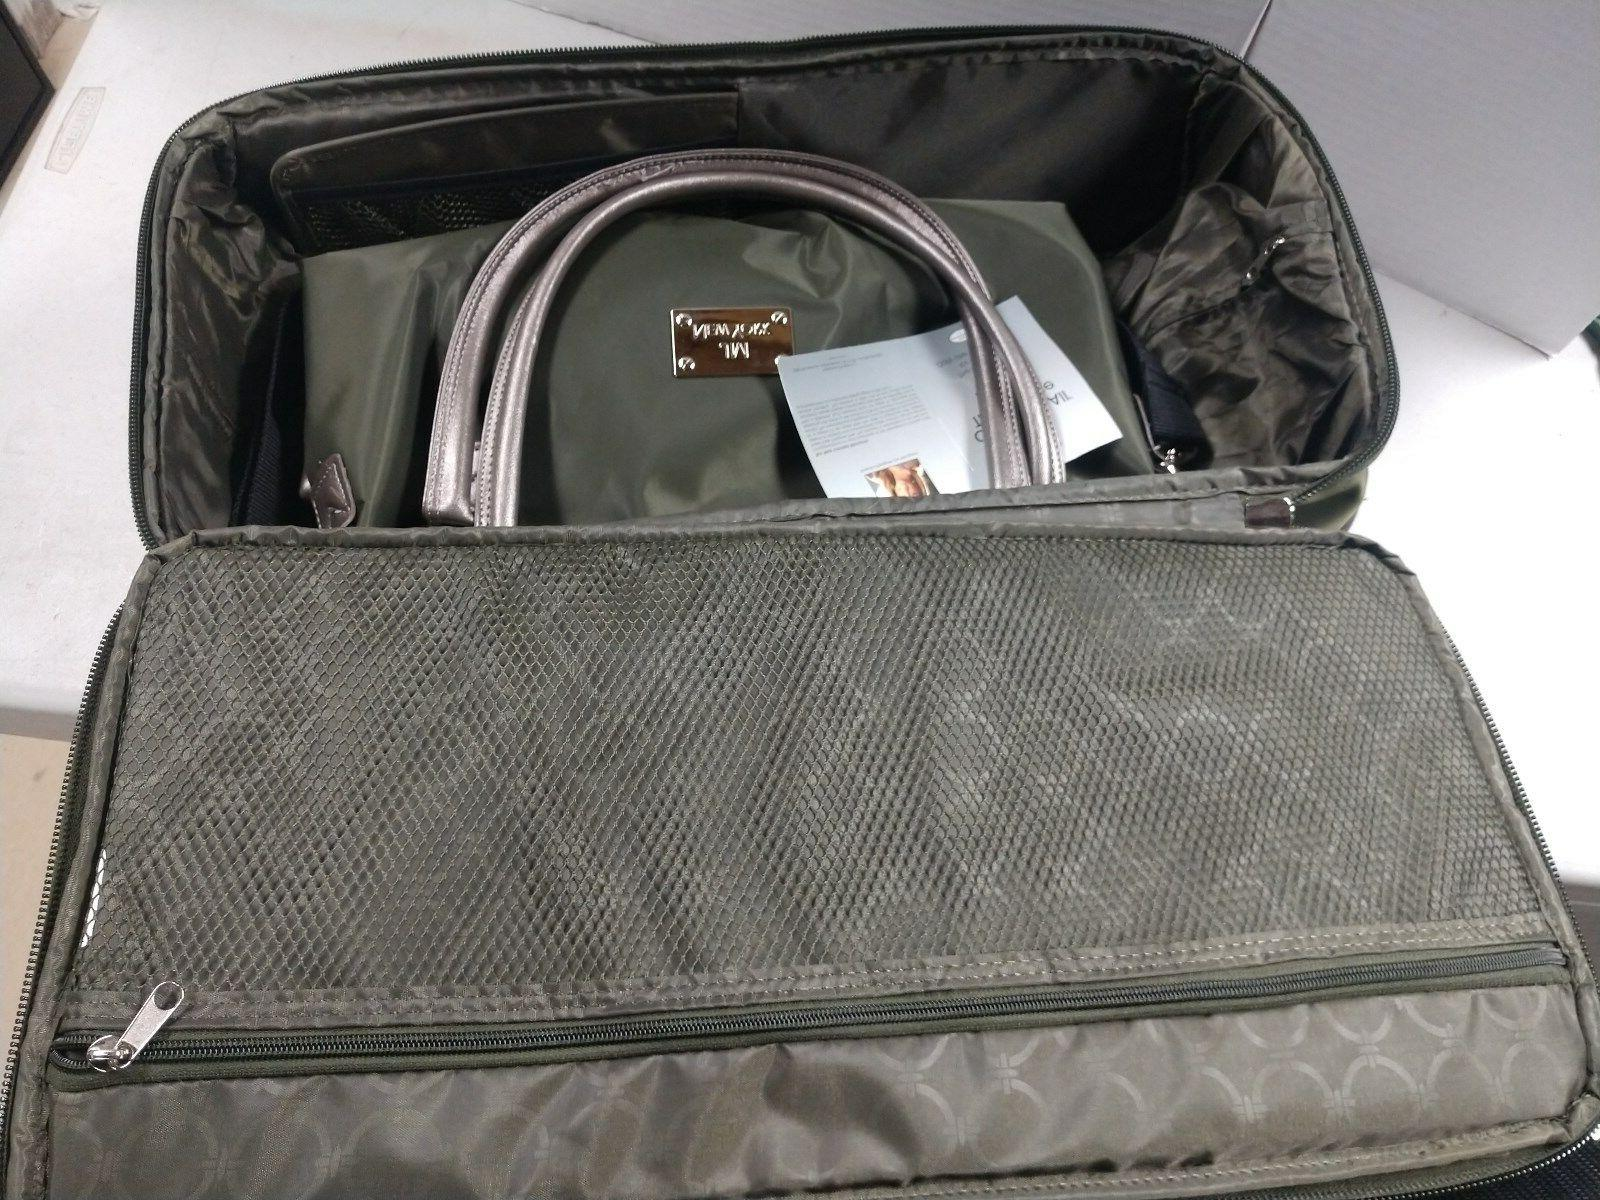 NEW JM Decker Bag, Suit